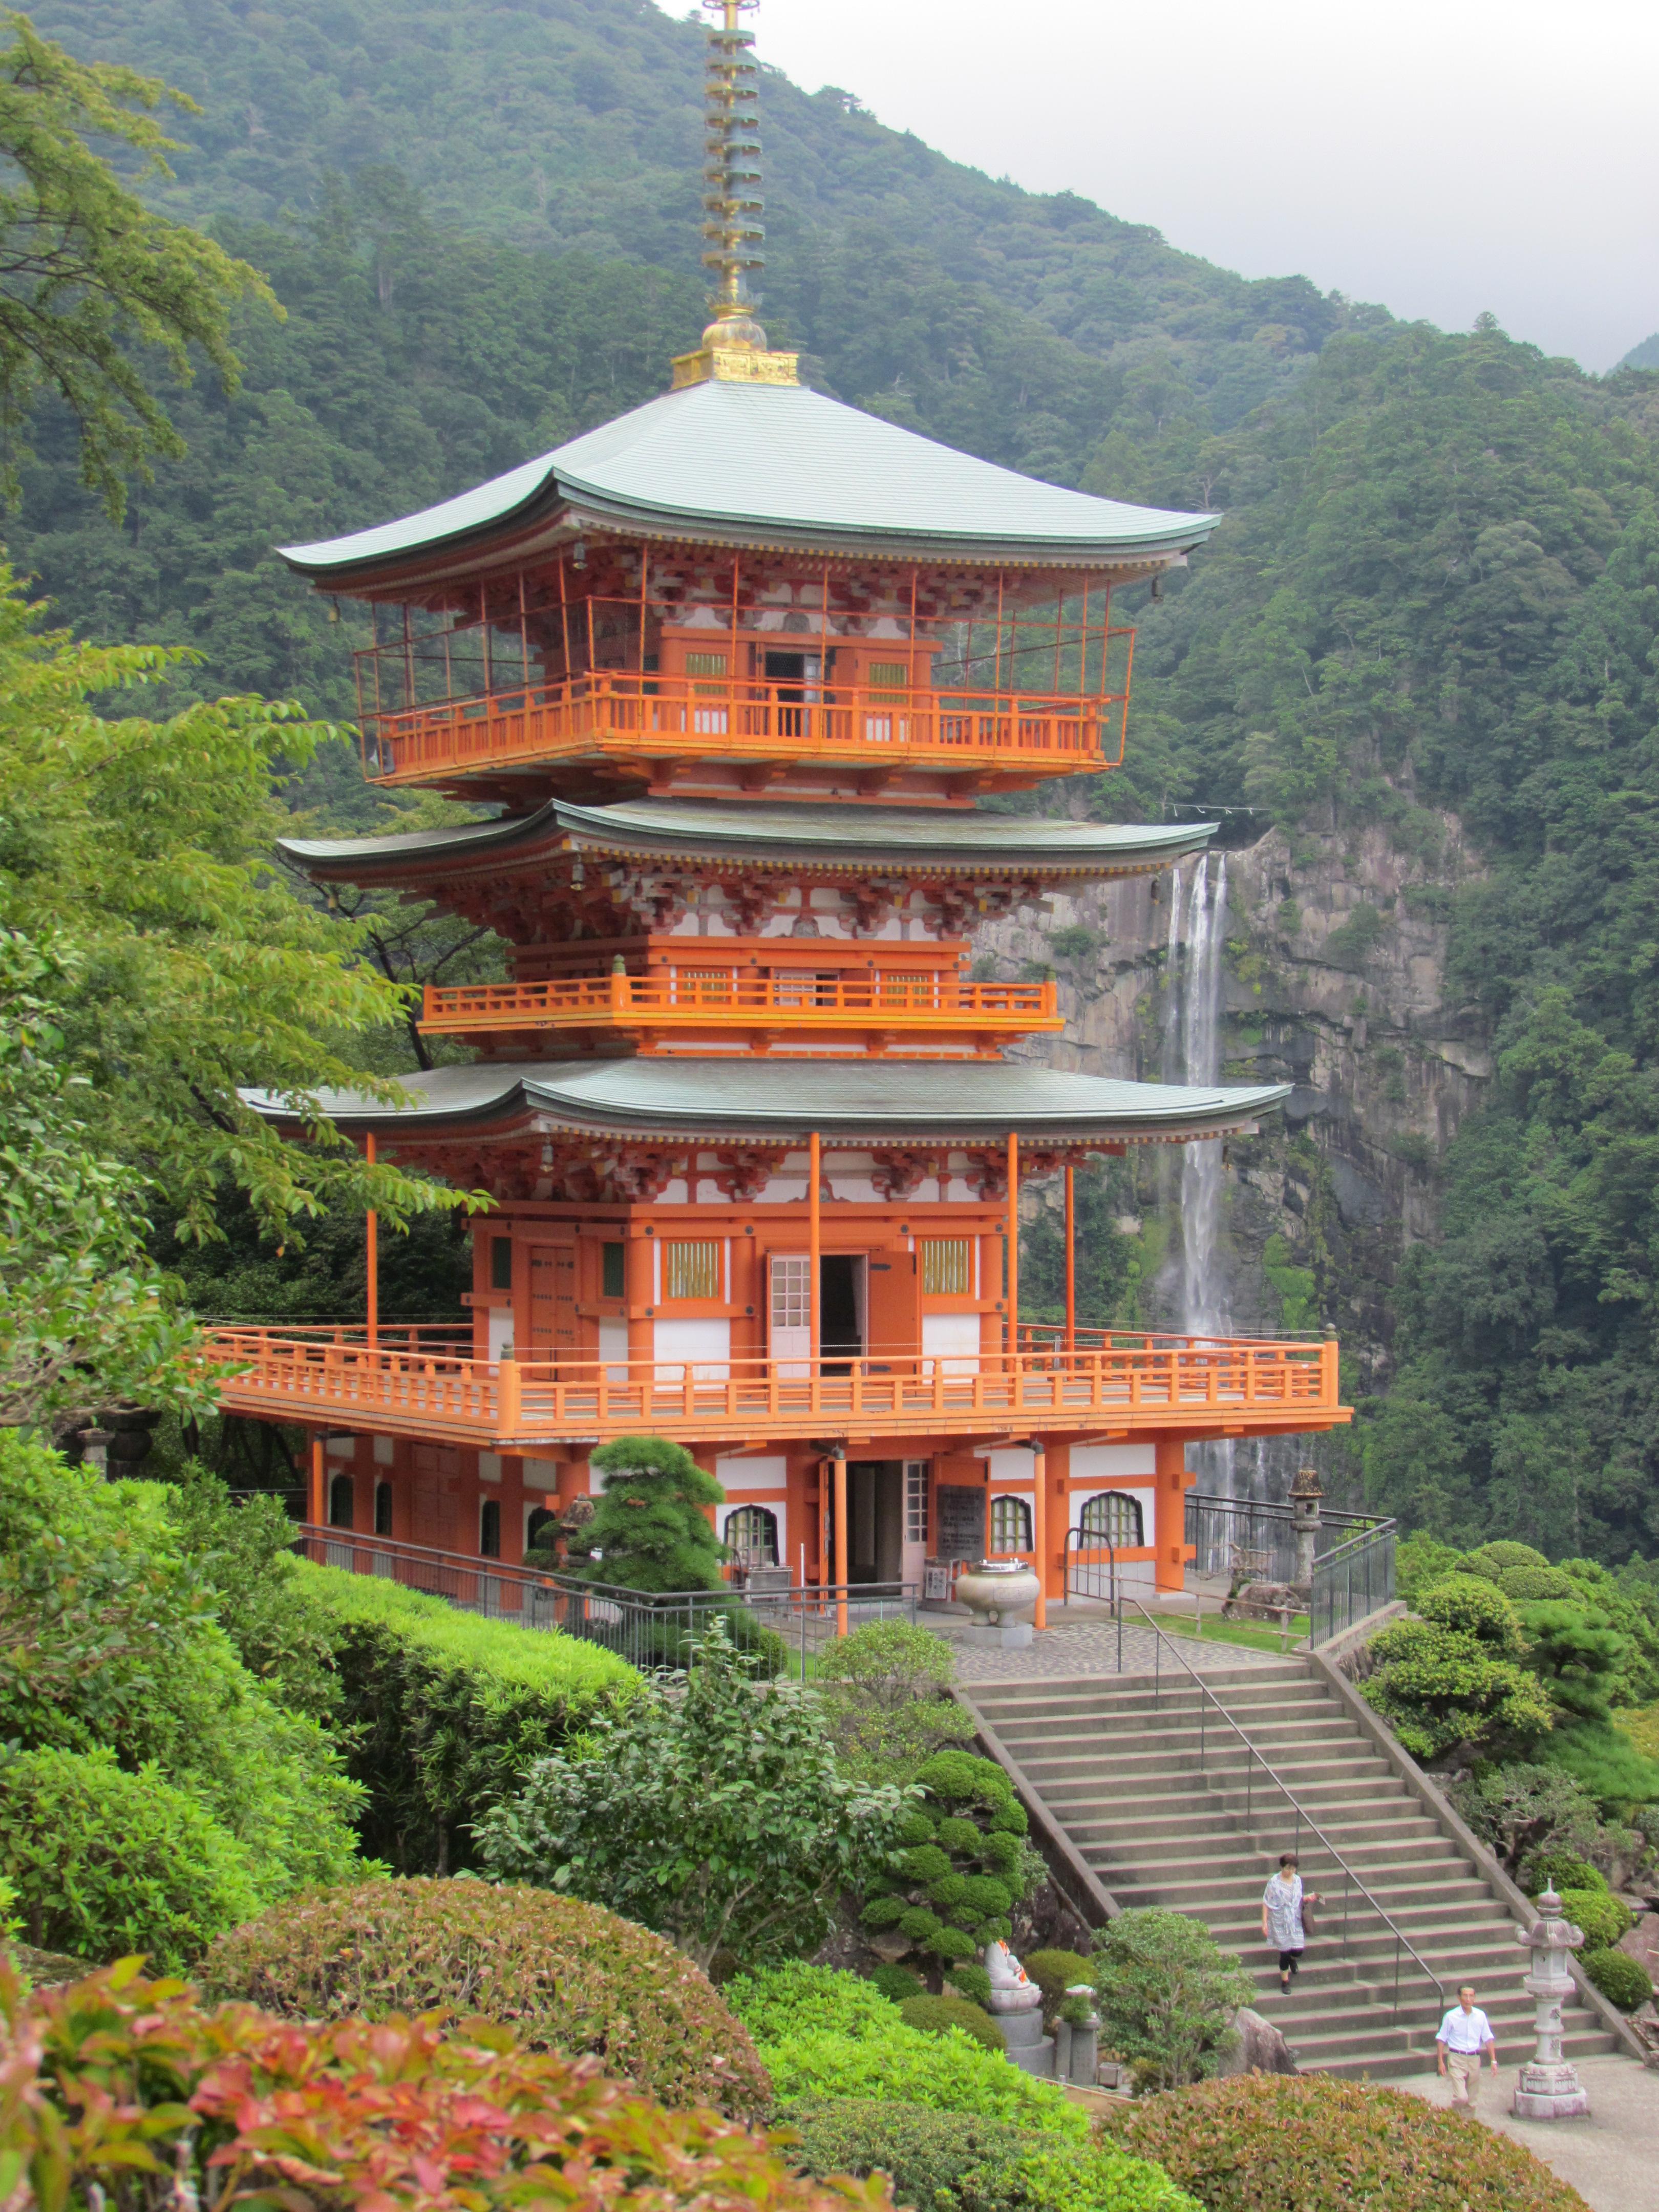 Wakayama: Japan's Pacific Coast Pearl